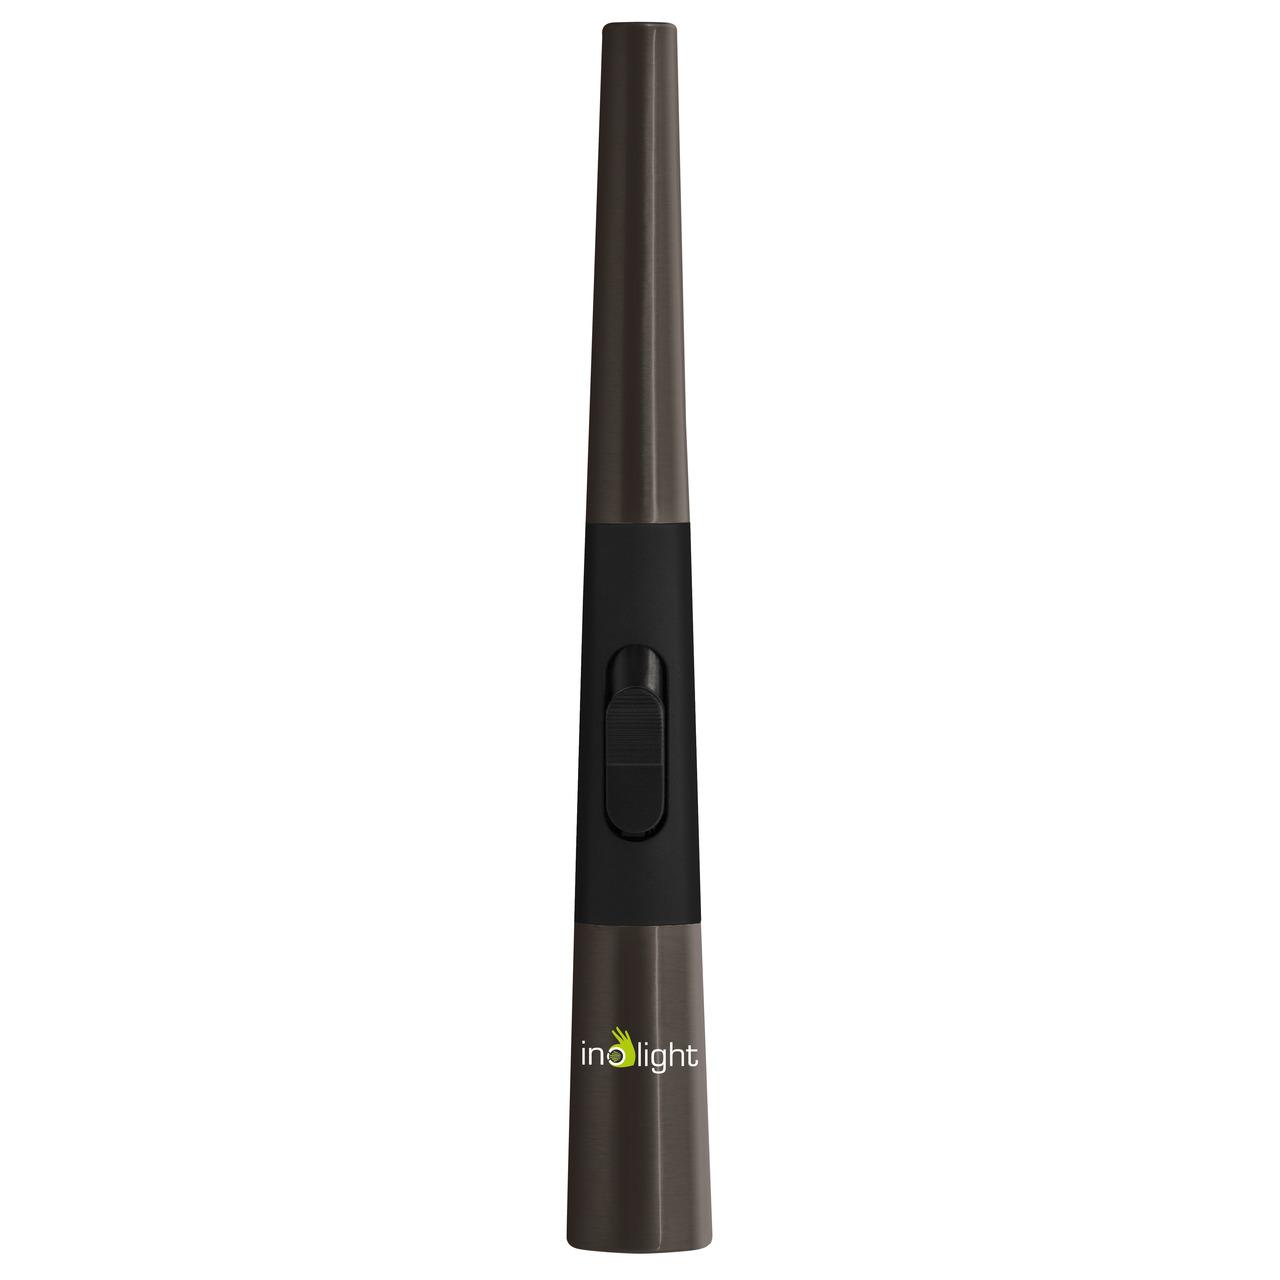 inolight Lichtbogen-Stabfeuerzeug CL3- integrierte Sicherheitsabschaltung- Akku- Metallgehäuse